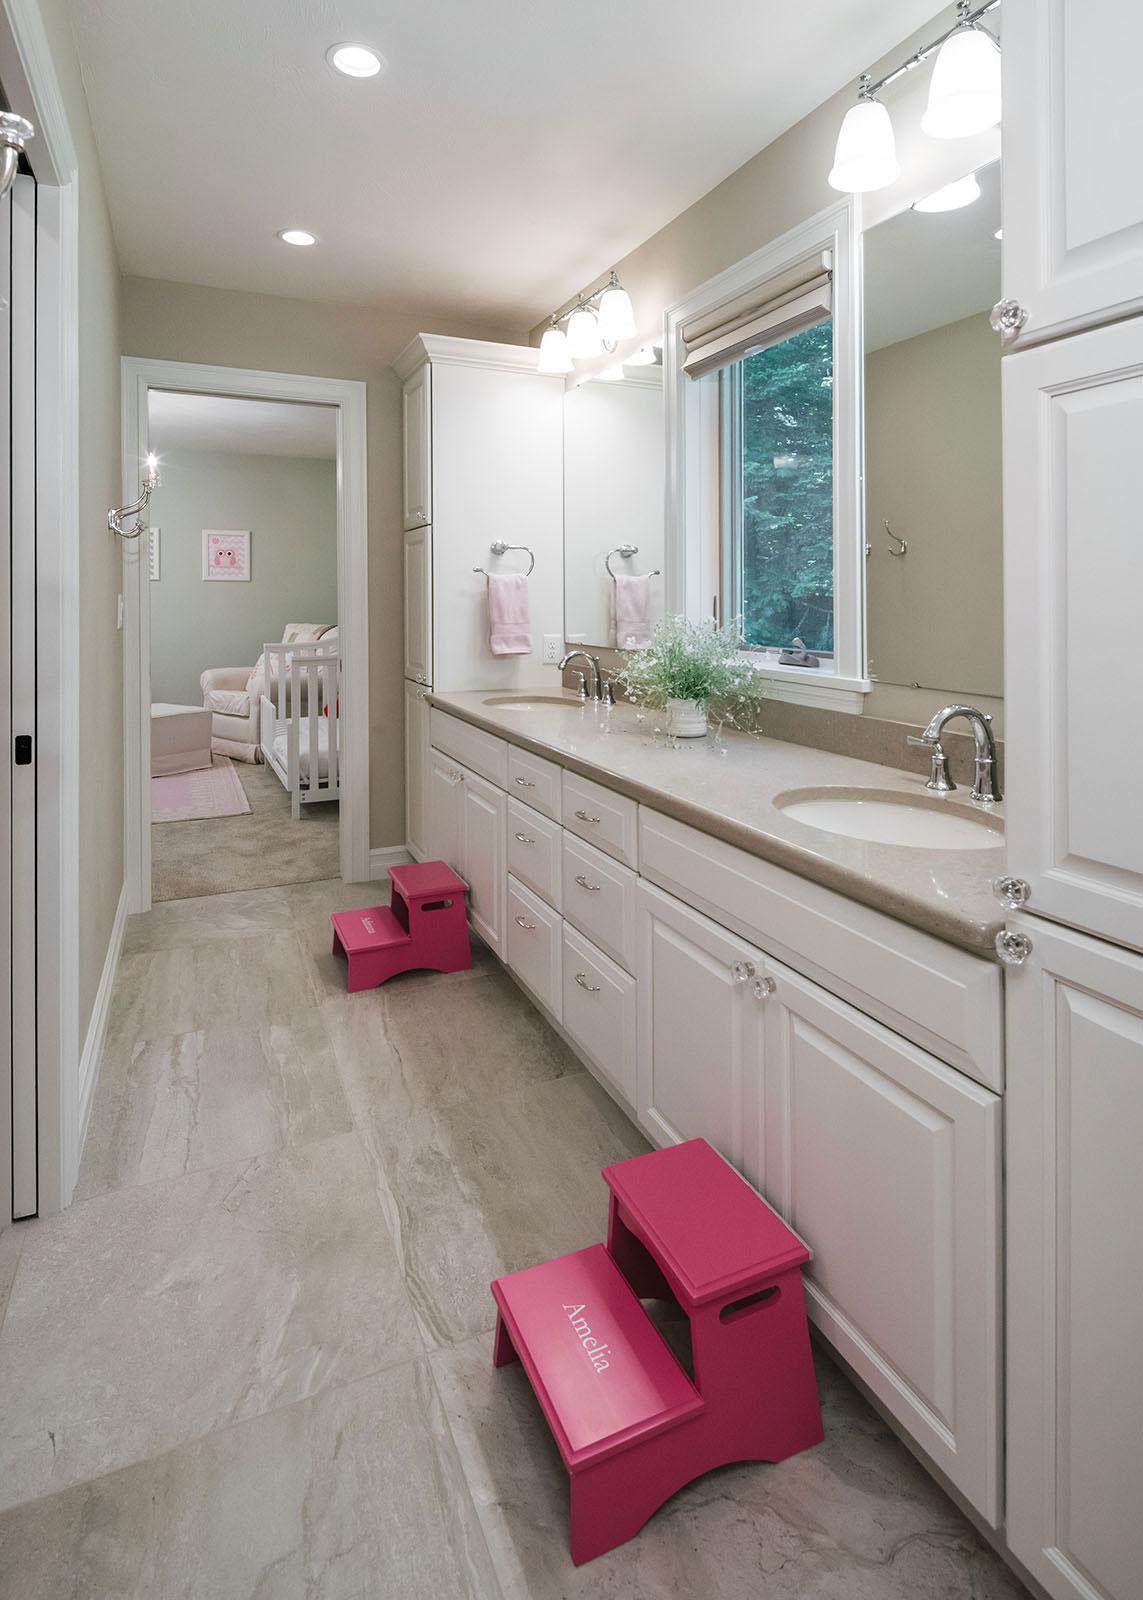 bathroom remodel - Henderer Design + Build, Corvallis OR